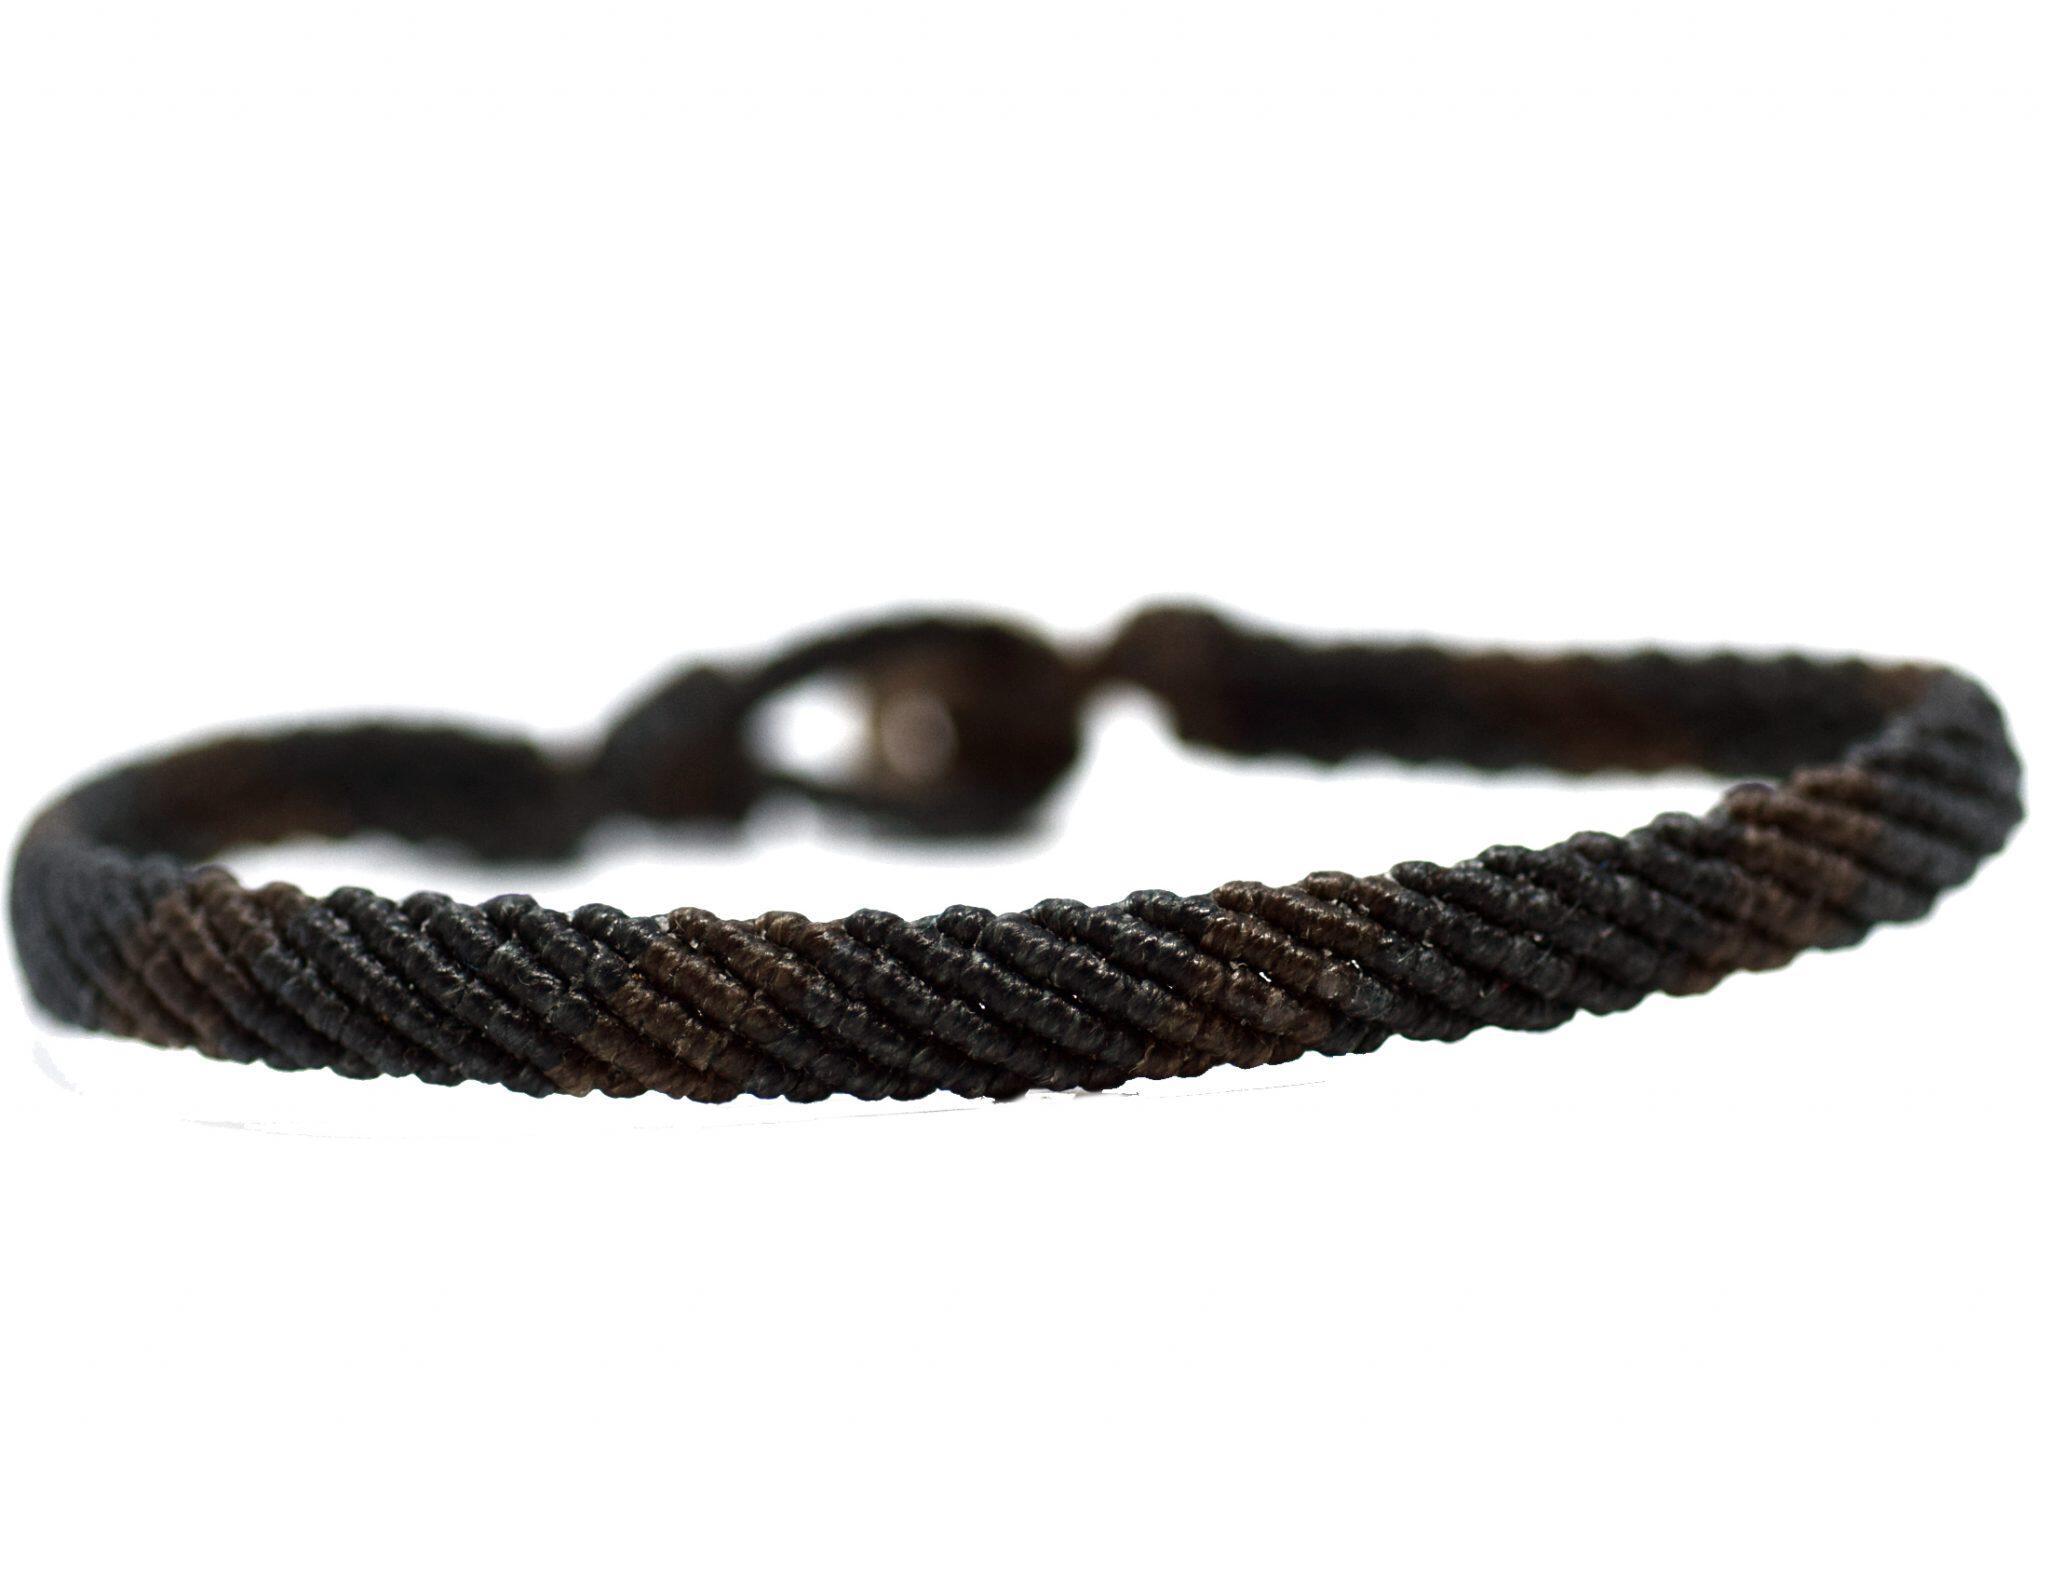 photos officielles 0fdbb ce0f1 Men's macrame bracelet